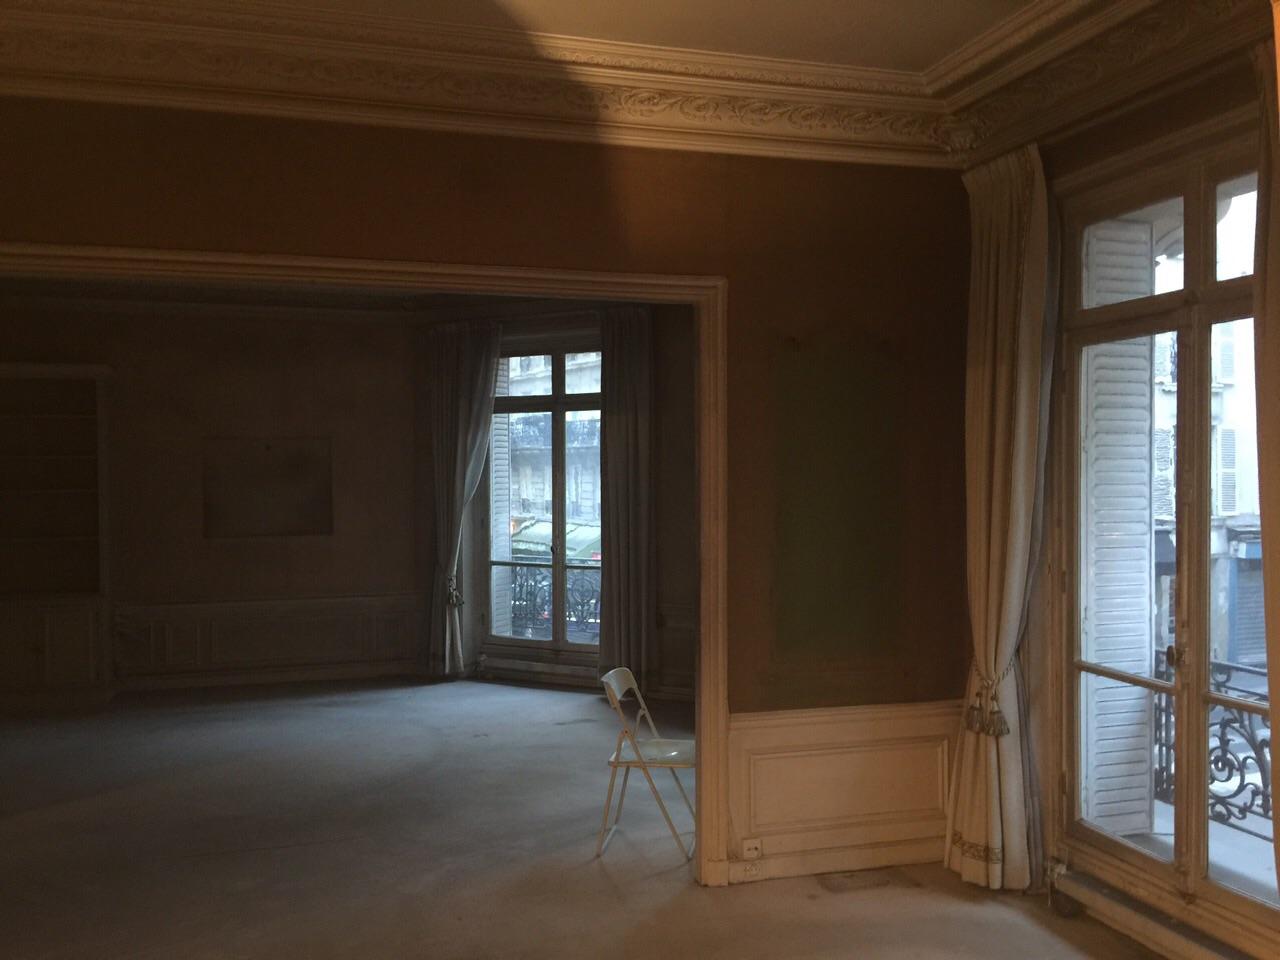 Coralie Aubert Appartement Haussmannien 140m  Une ambiance contemporaine clectique  Paris